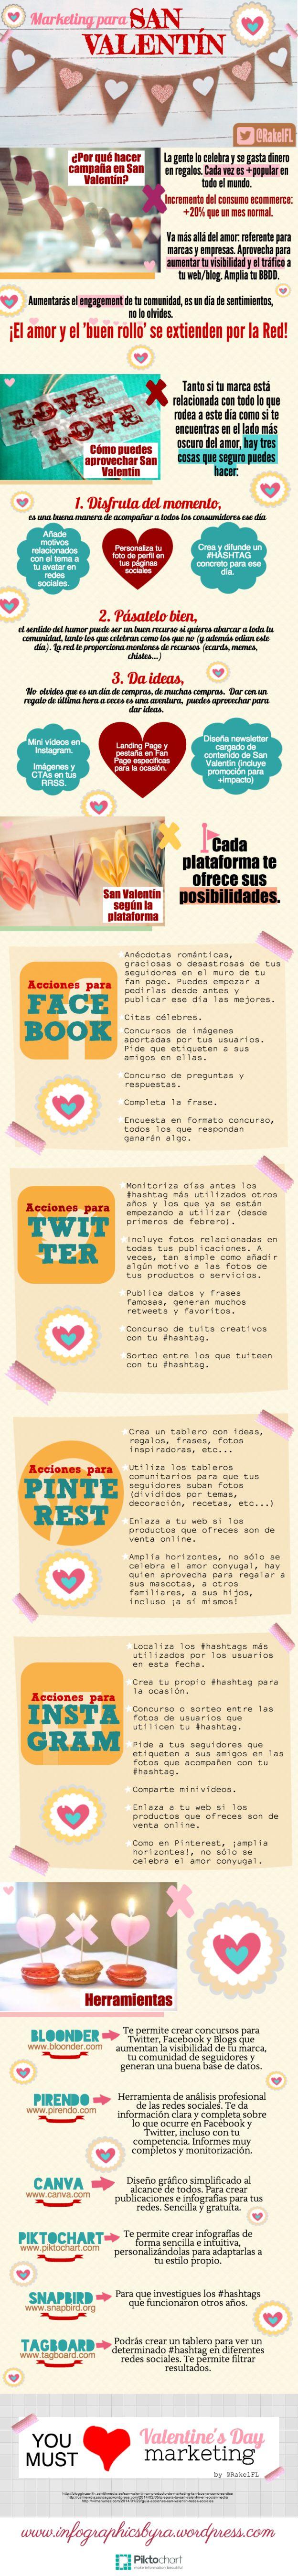 Hola: Una infografía sobre Marketing para San Valentín. Vía Un saludo